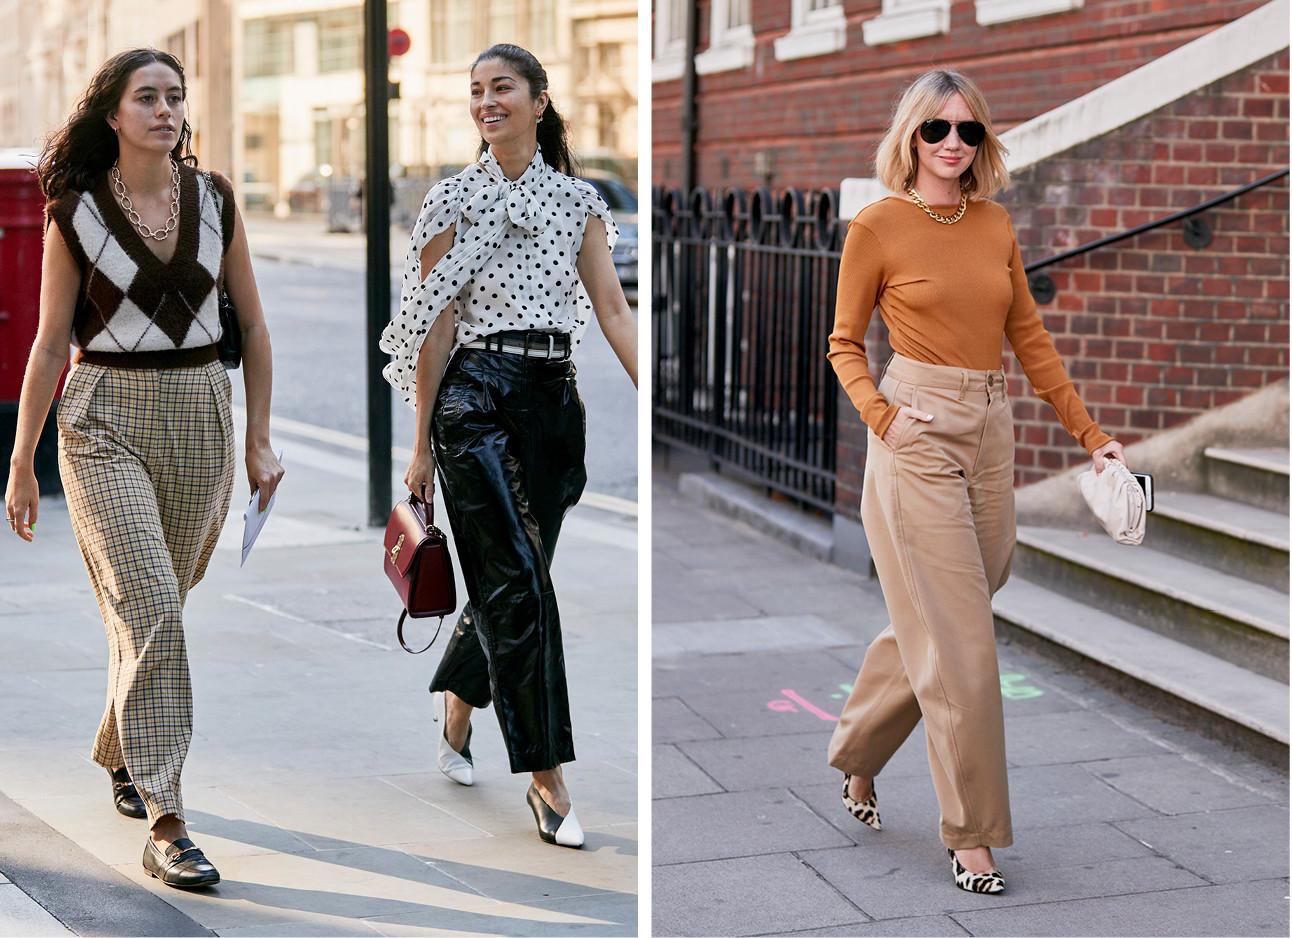 Beelden van fashion week met 2 meiden die bruine broeken dragen met een zwarte top